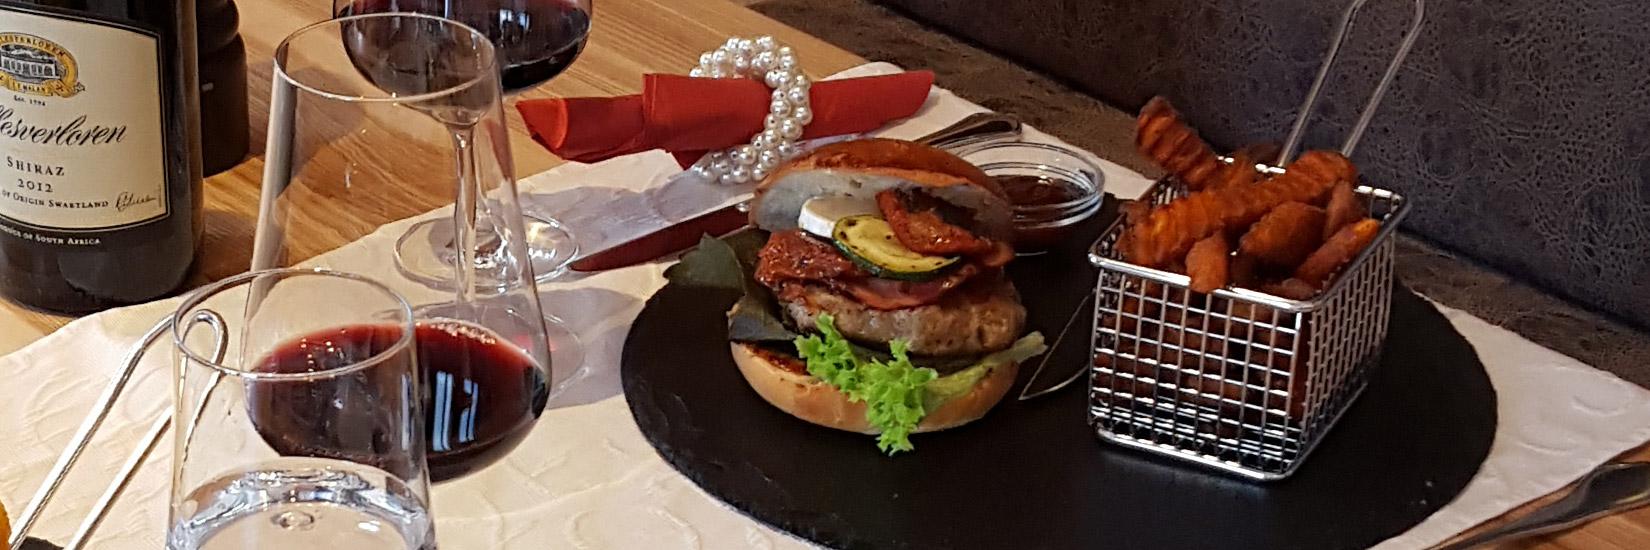 Wieshof-Burger